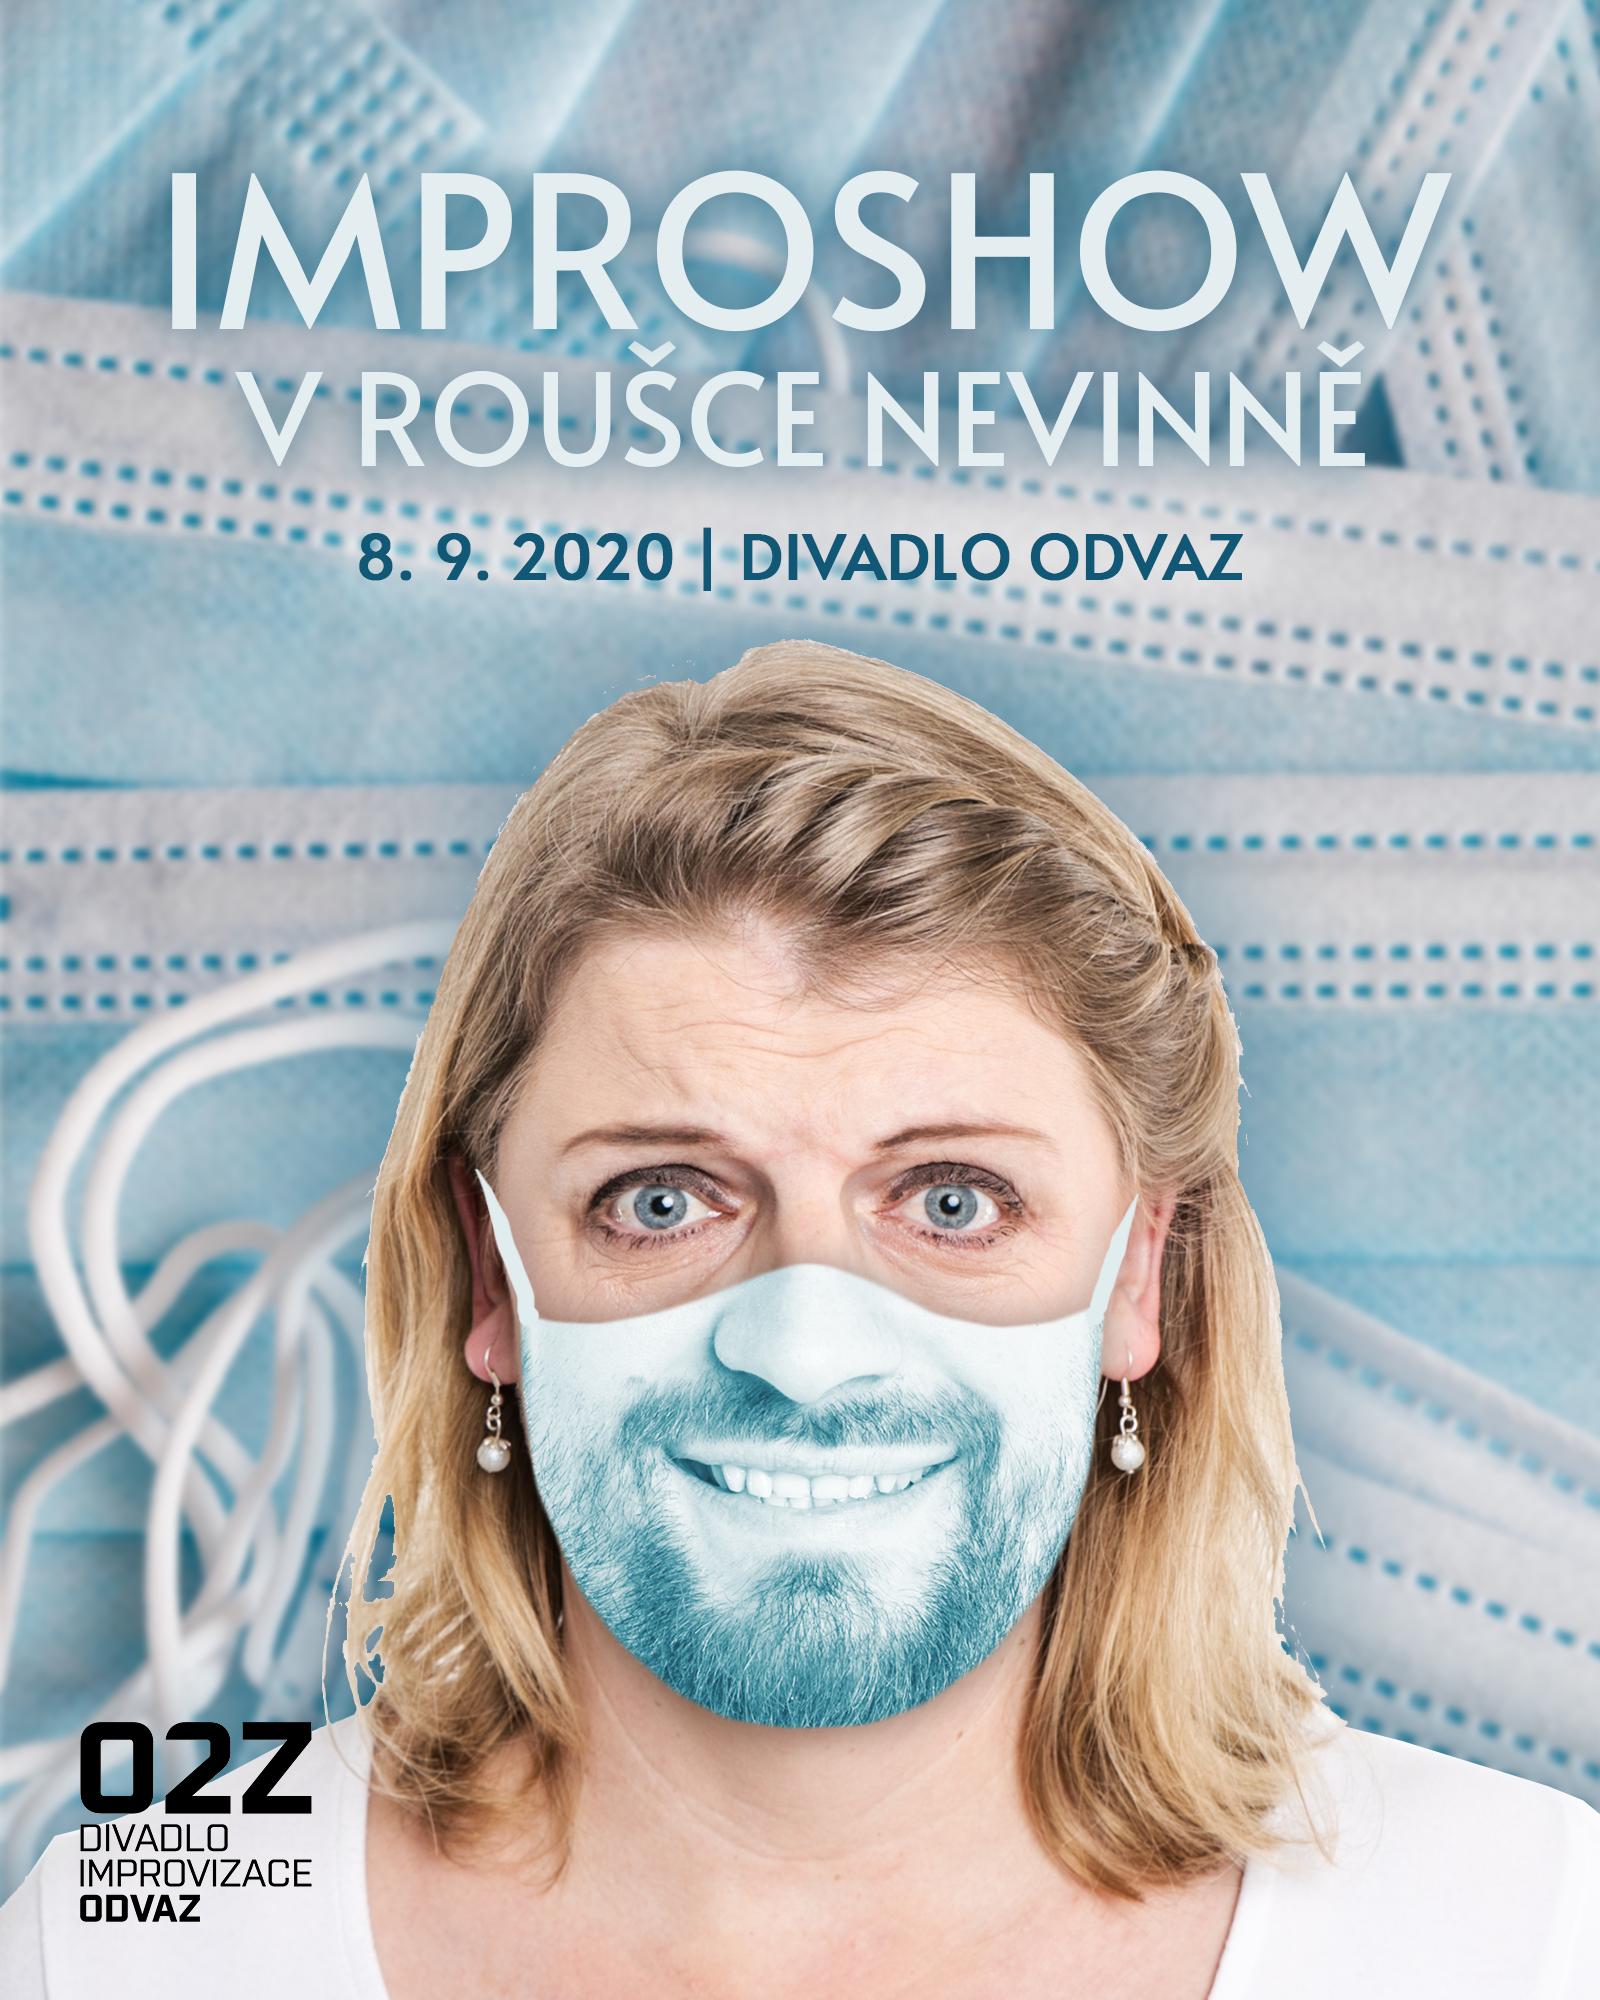 Improshow: V roušce nevinně